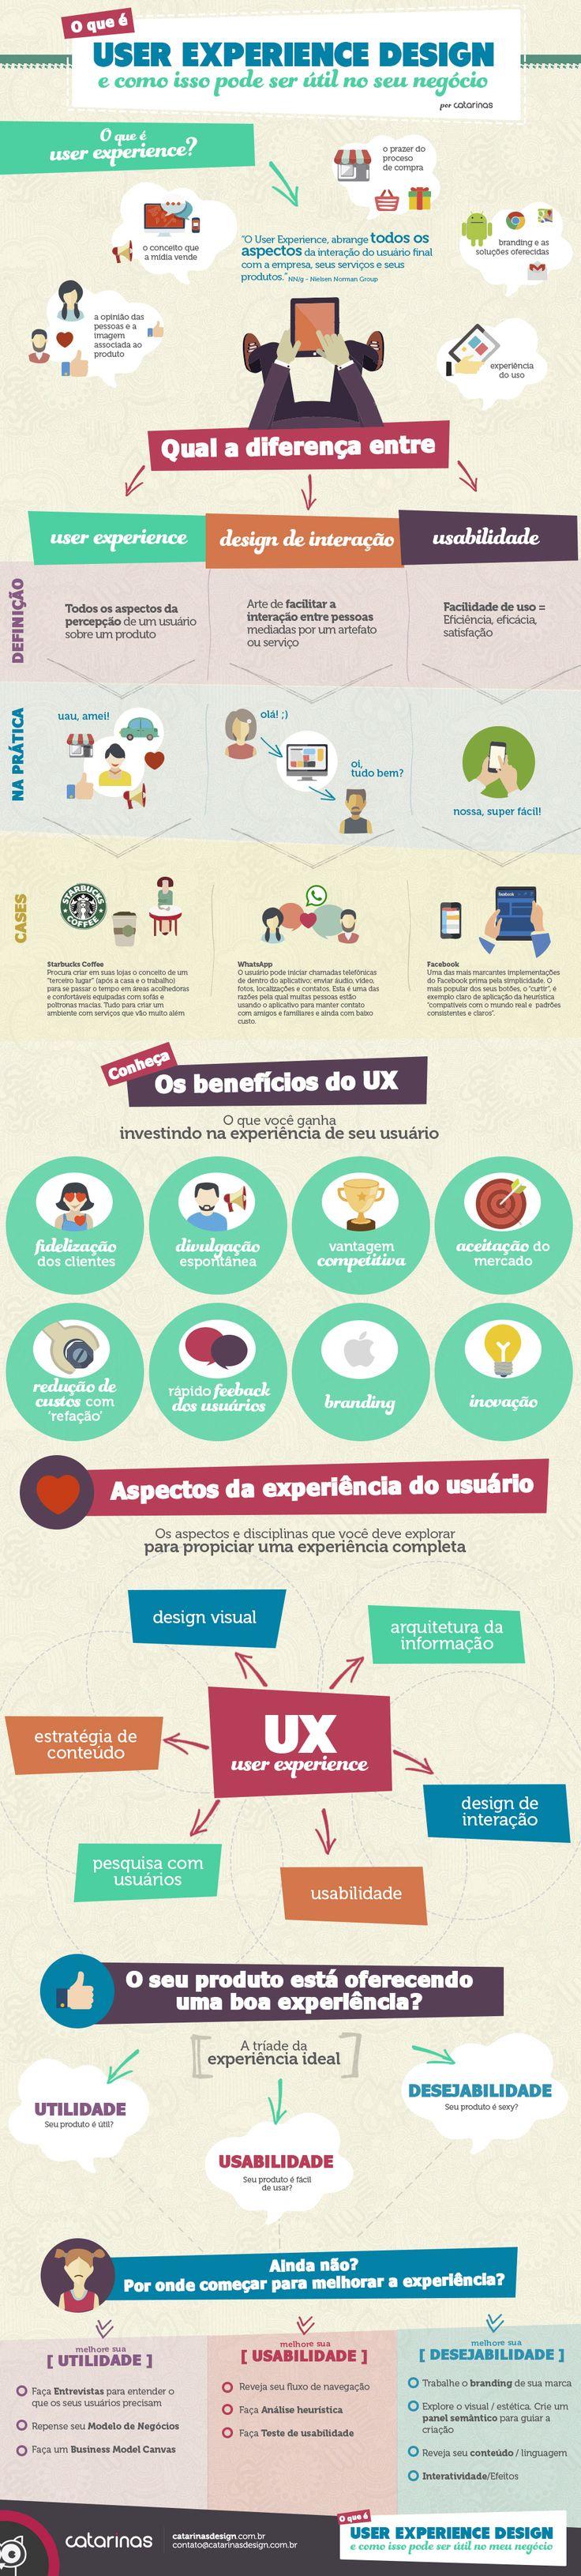 Infográfico: O que é User Experience e como isso pode ser útil para o esu negócio